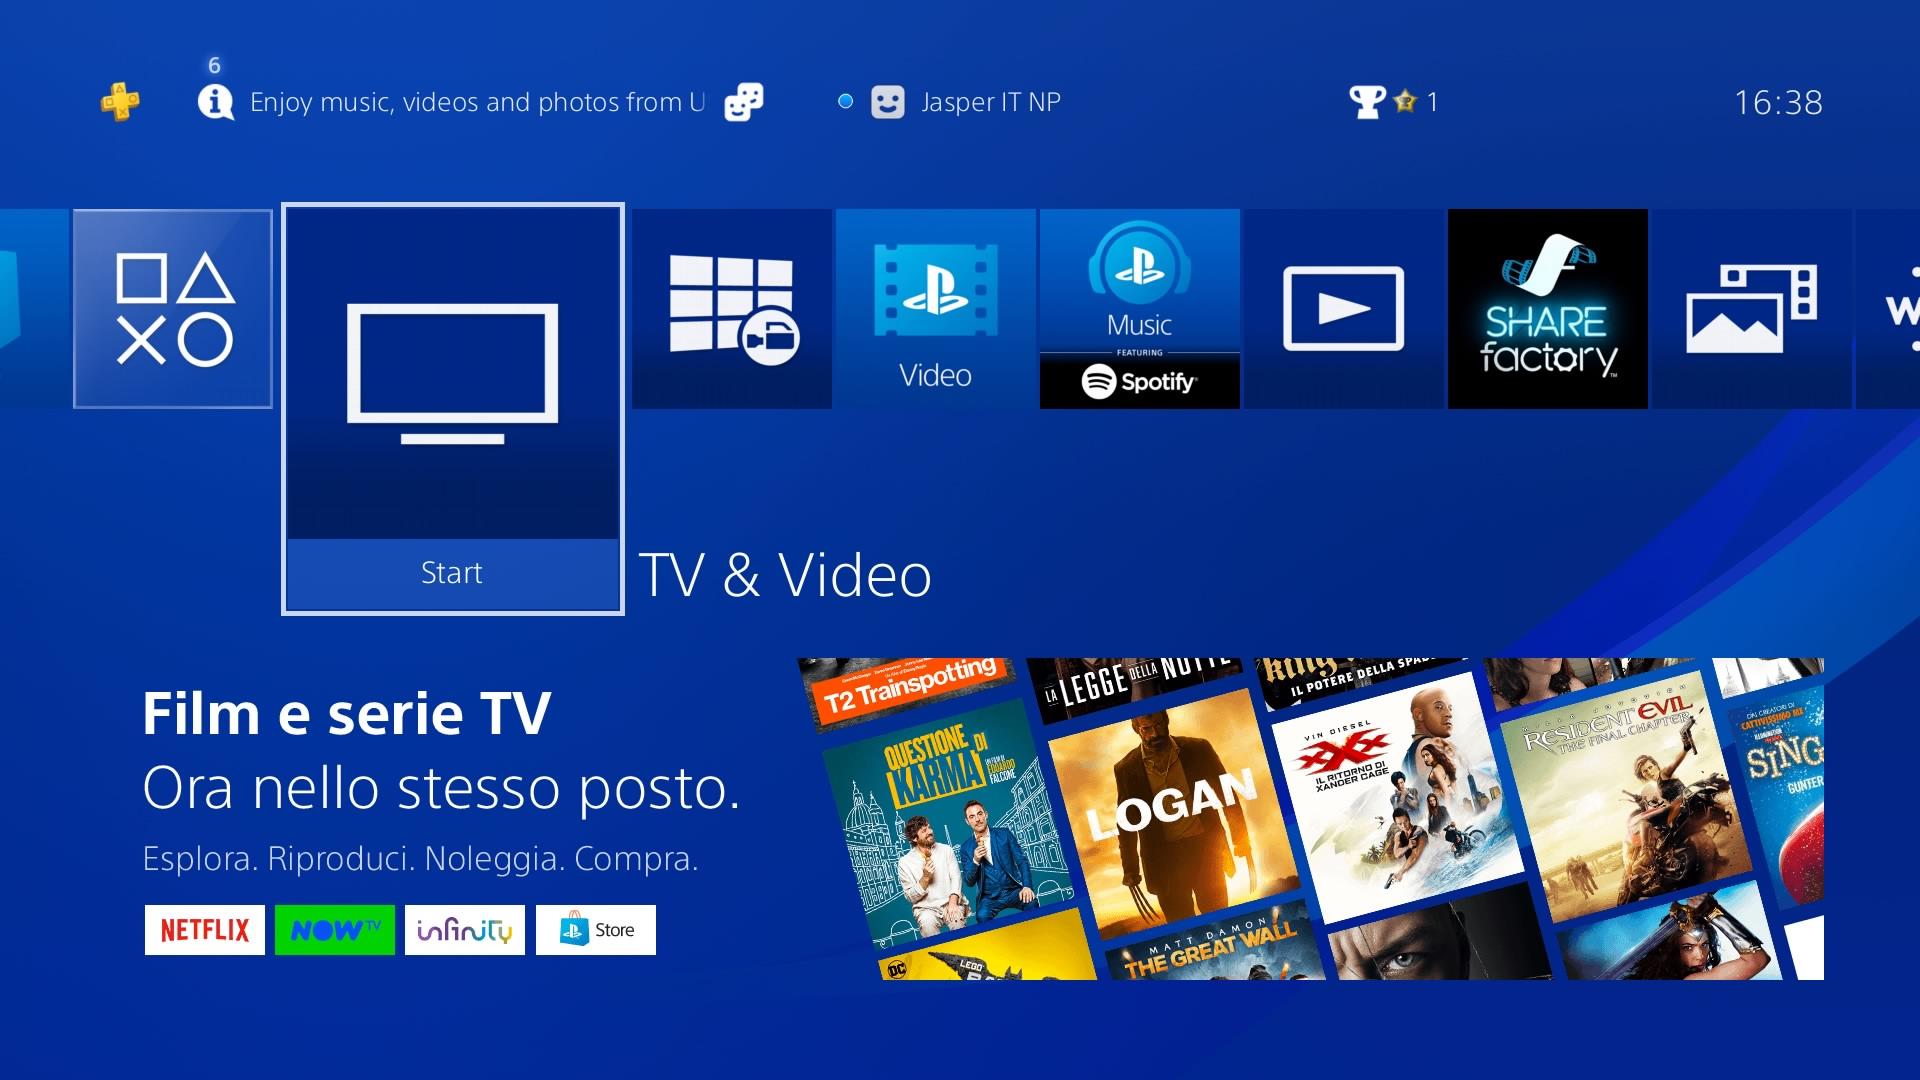 PlayStation 4: una nuova interfaccia per accedere a video e servizi TV